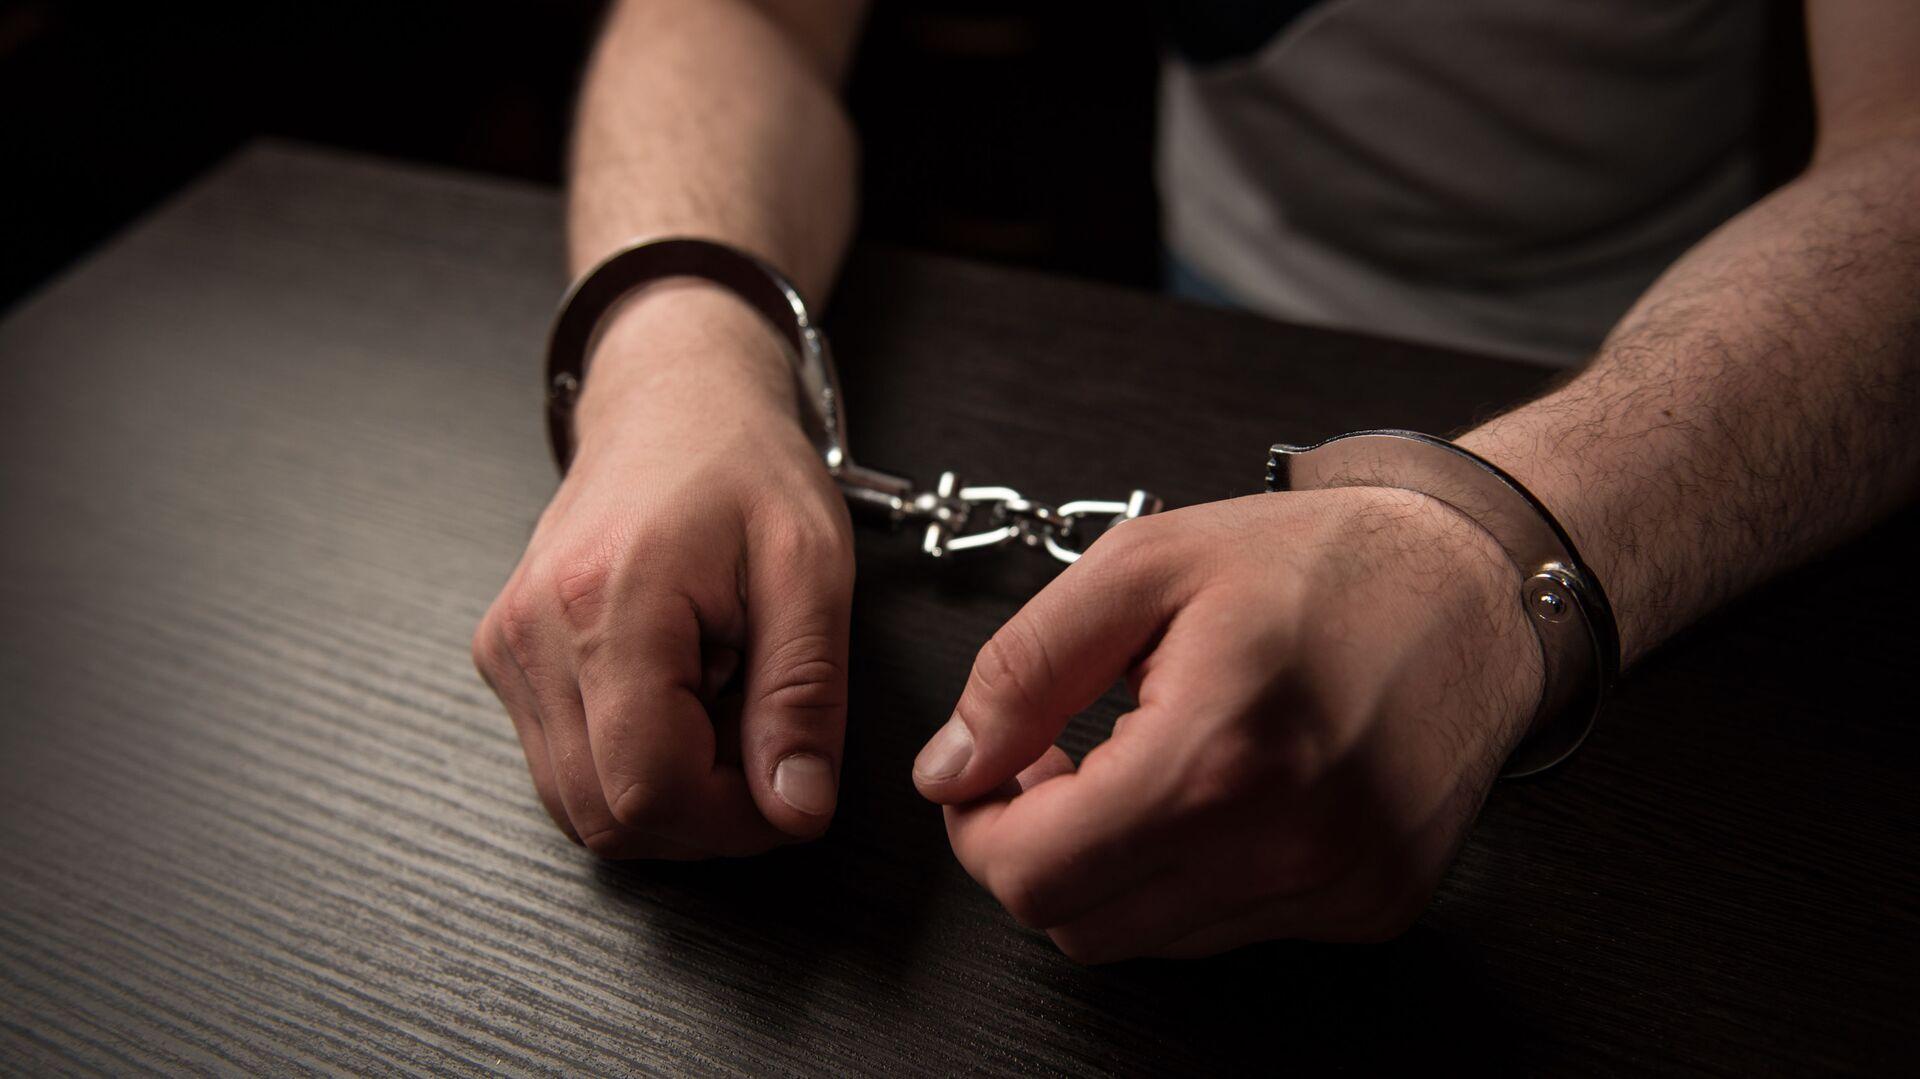 Руки в наручниках. Задержание преступника - Sputnik Грузия, 1920, 28.09.2021